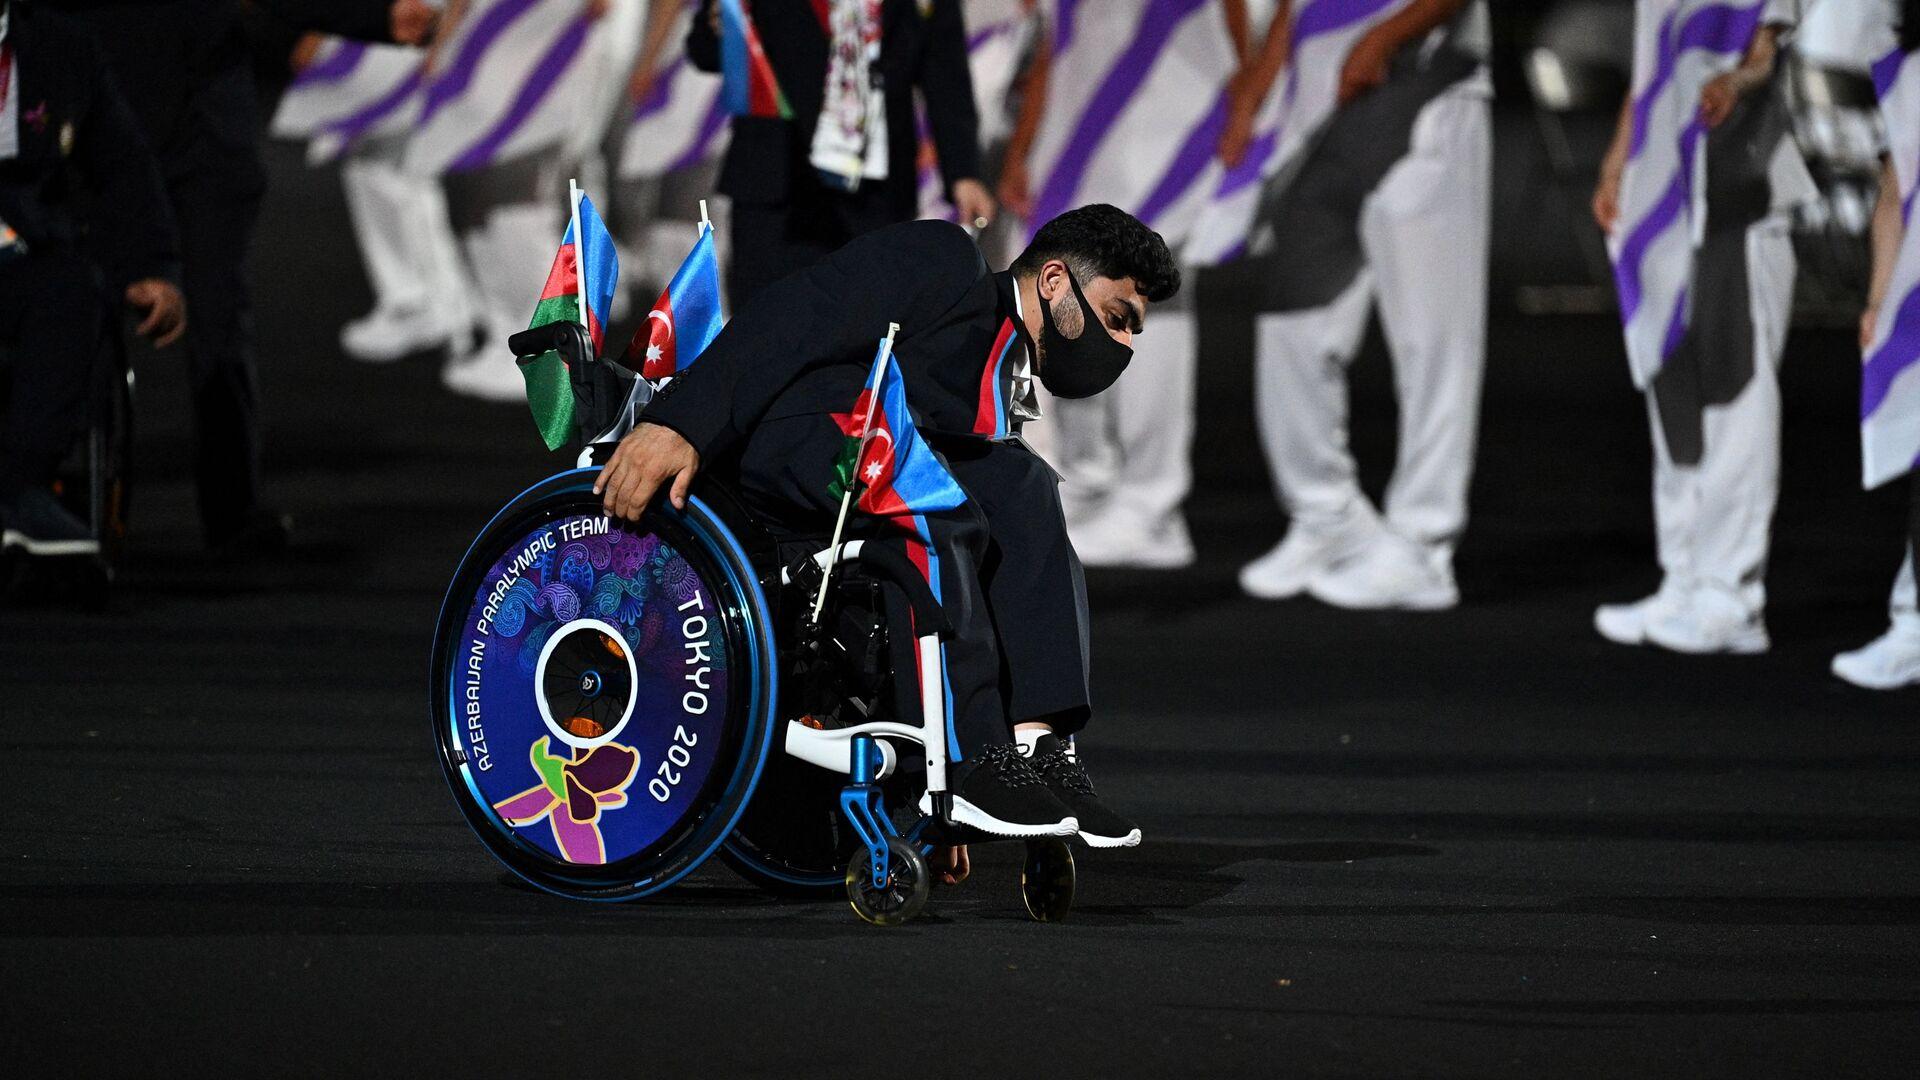 Член сборной Азербайджана на церемонии открытия Паралимпийских игр в Токио - Sputnik Азербайджан, 1920, 07.09.2021